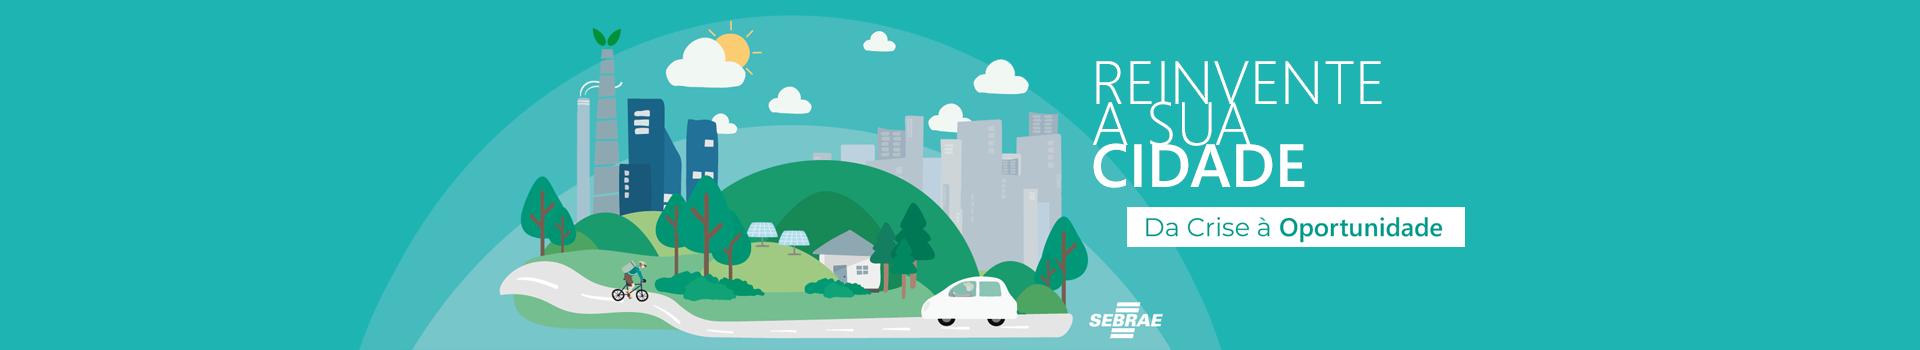 Reinvente Sua Cidade